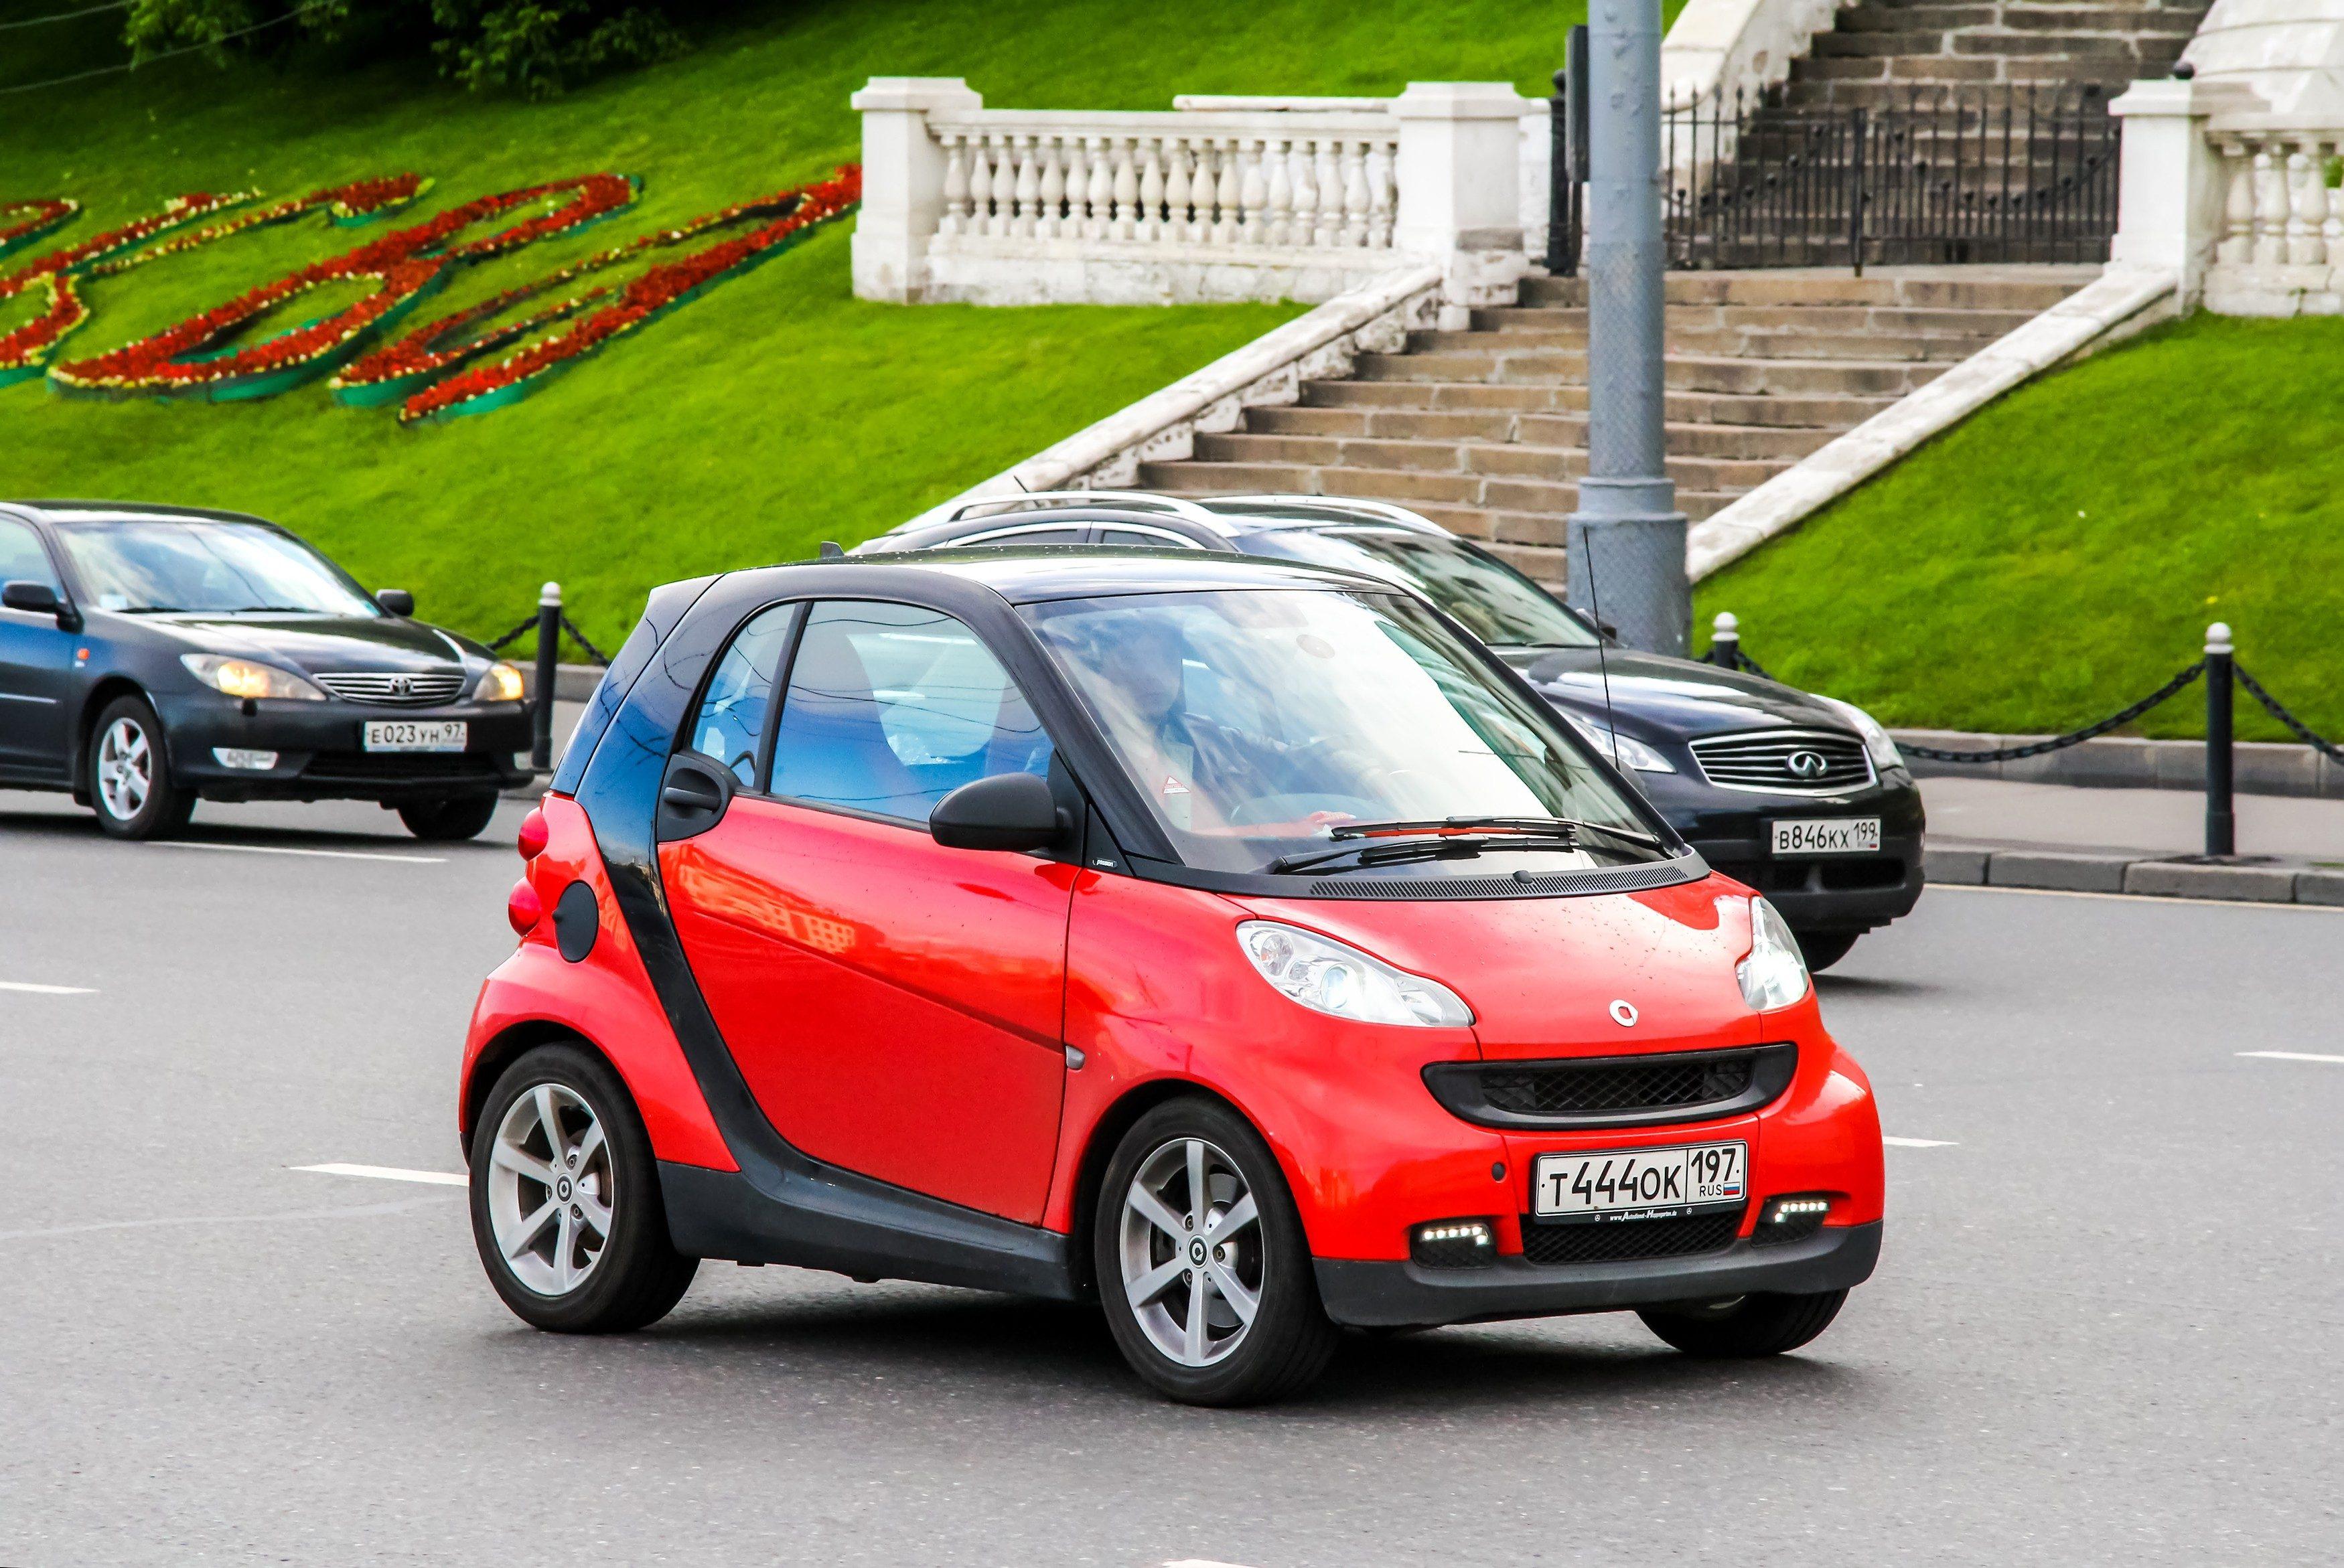 La voiture SMART est-elle sécuritaire?